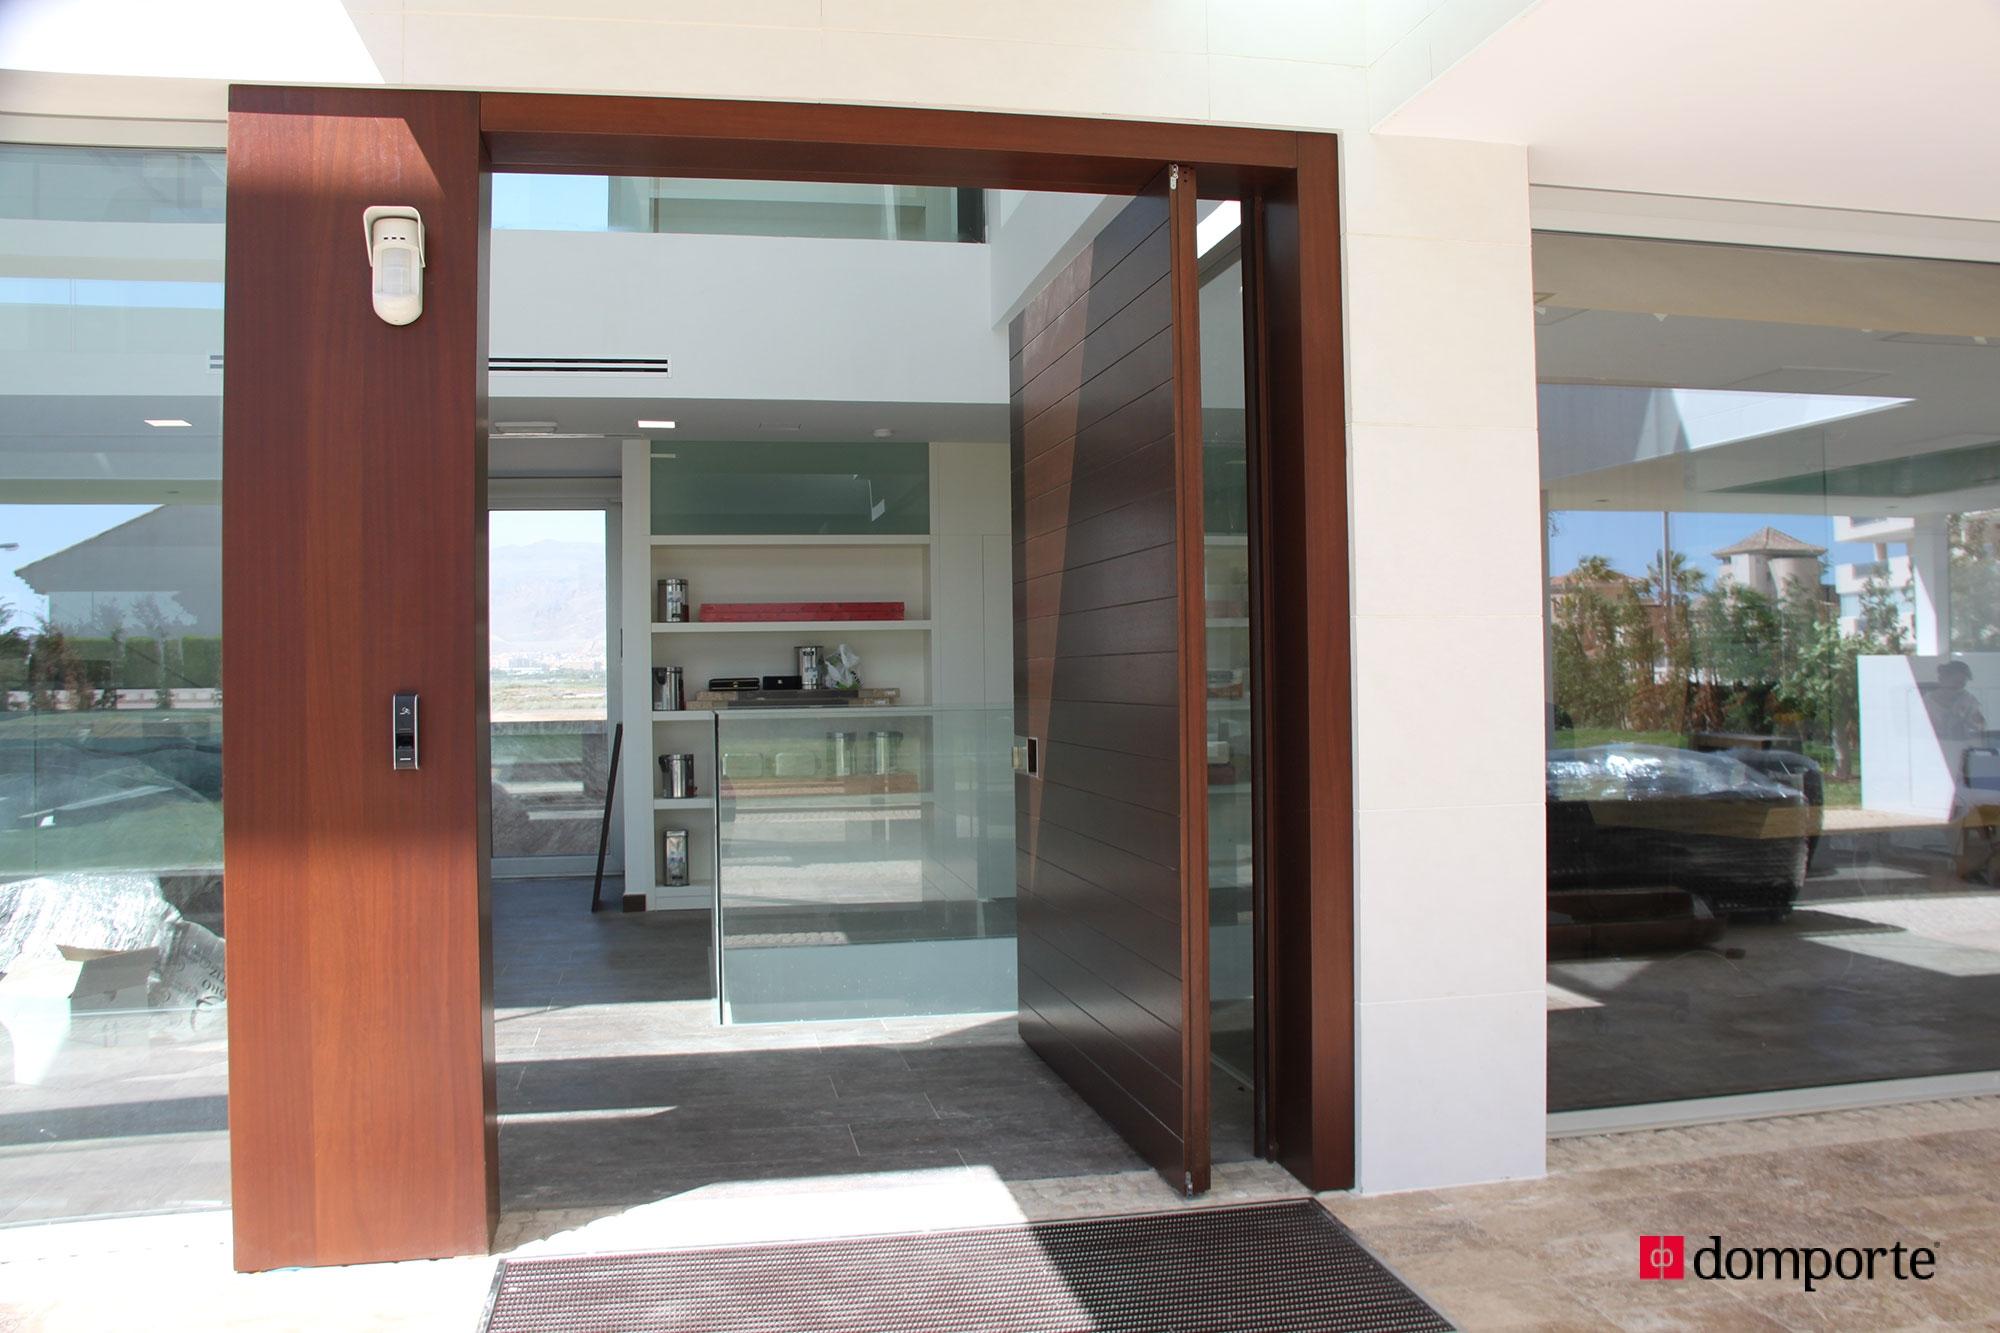 Puertas de madera de hoja pivotante - Puertas de entrada de diseno ...